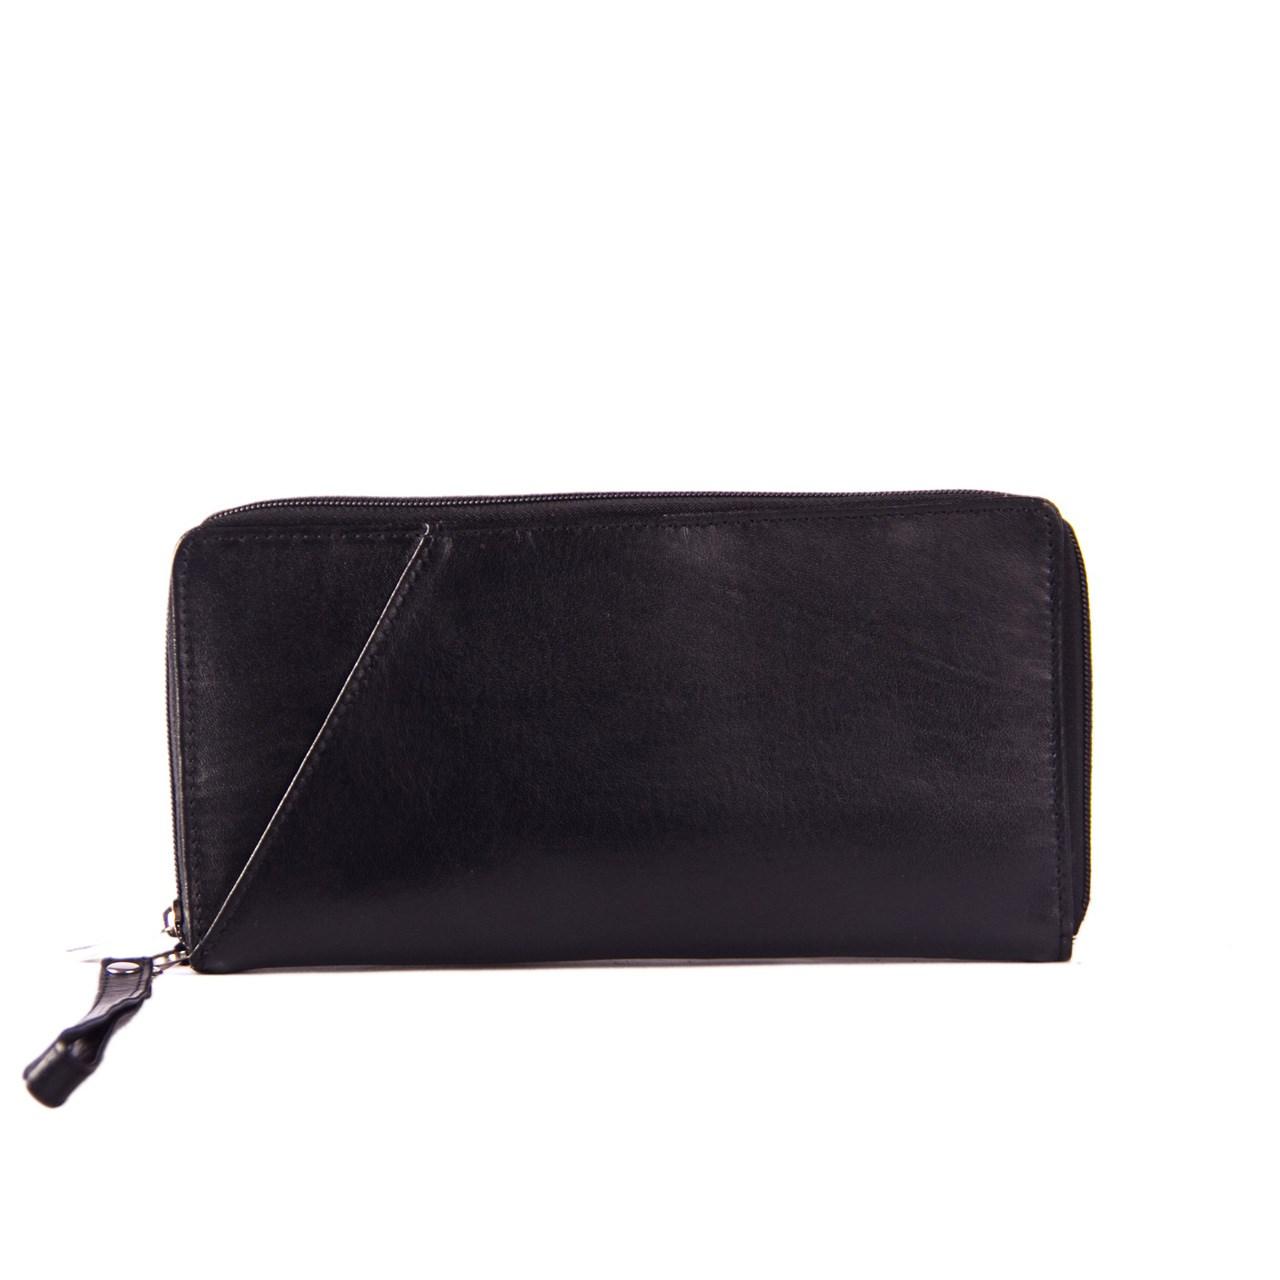 کیف پاسپورتی چرم طبیعی آدین چرم مدل DG14